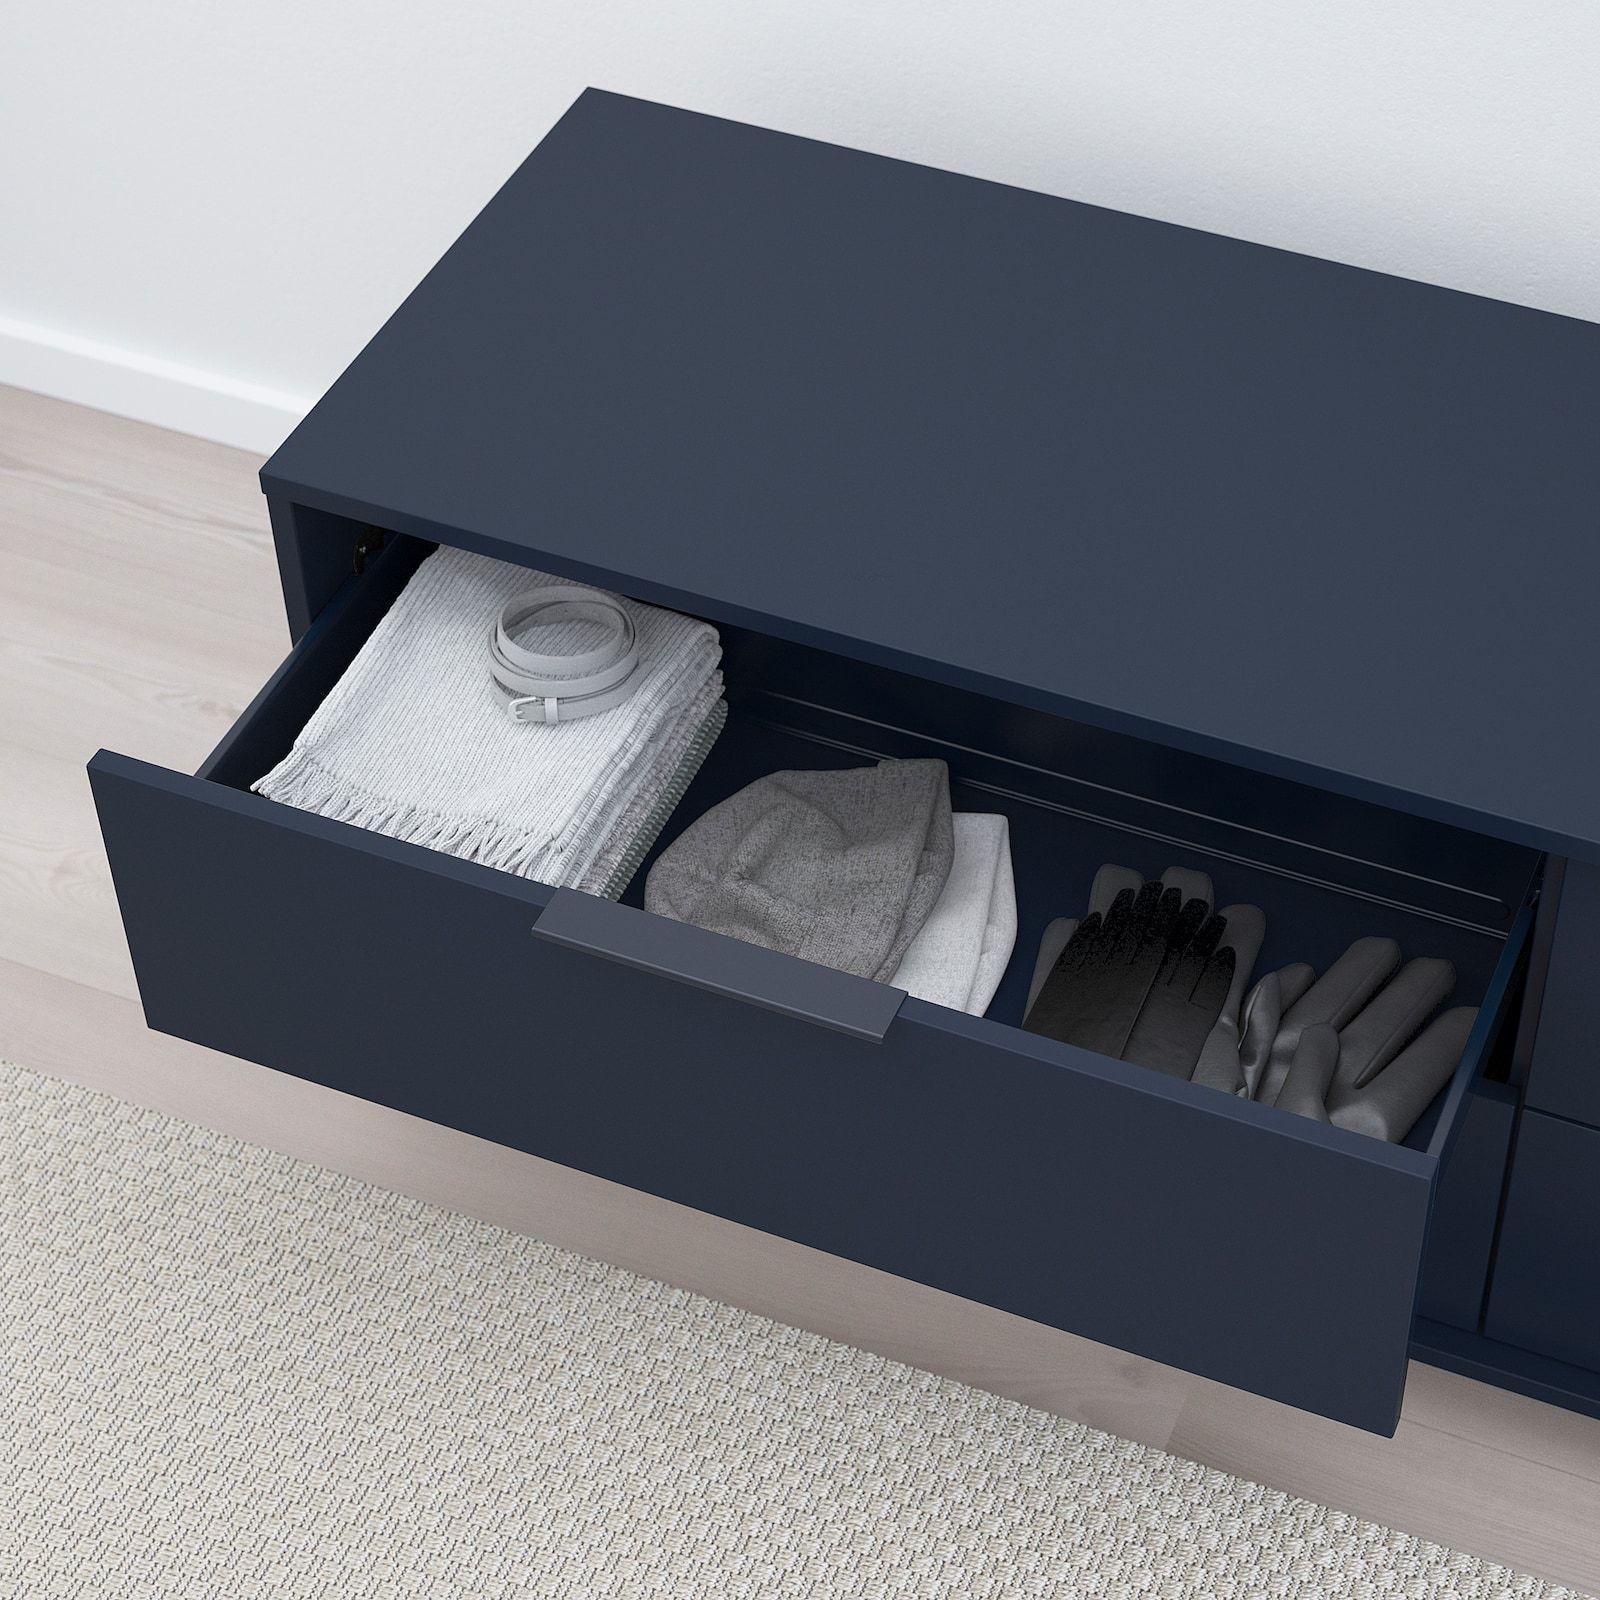 Nordmela 4 Drawer Dresser Black Blue 62 5 8x19 5 8 Ikea 4 Drawer Dresser Dresser Drawers Ikea 8 Drawer Dresser [ 1600 x 1600 Pixel ]